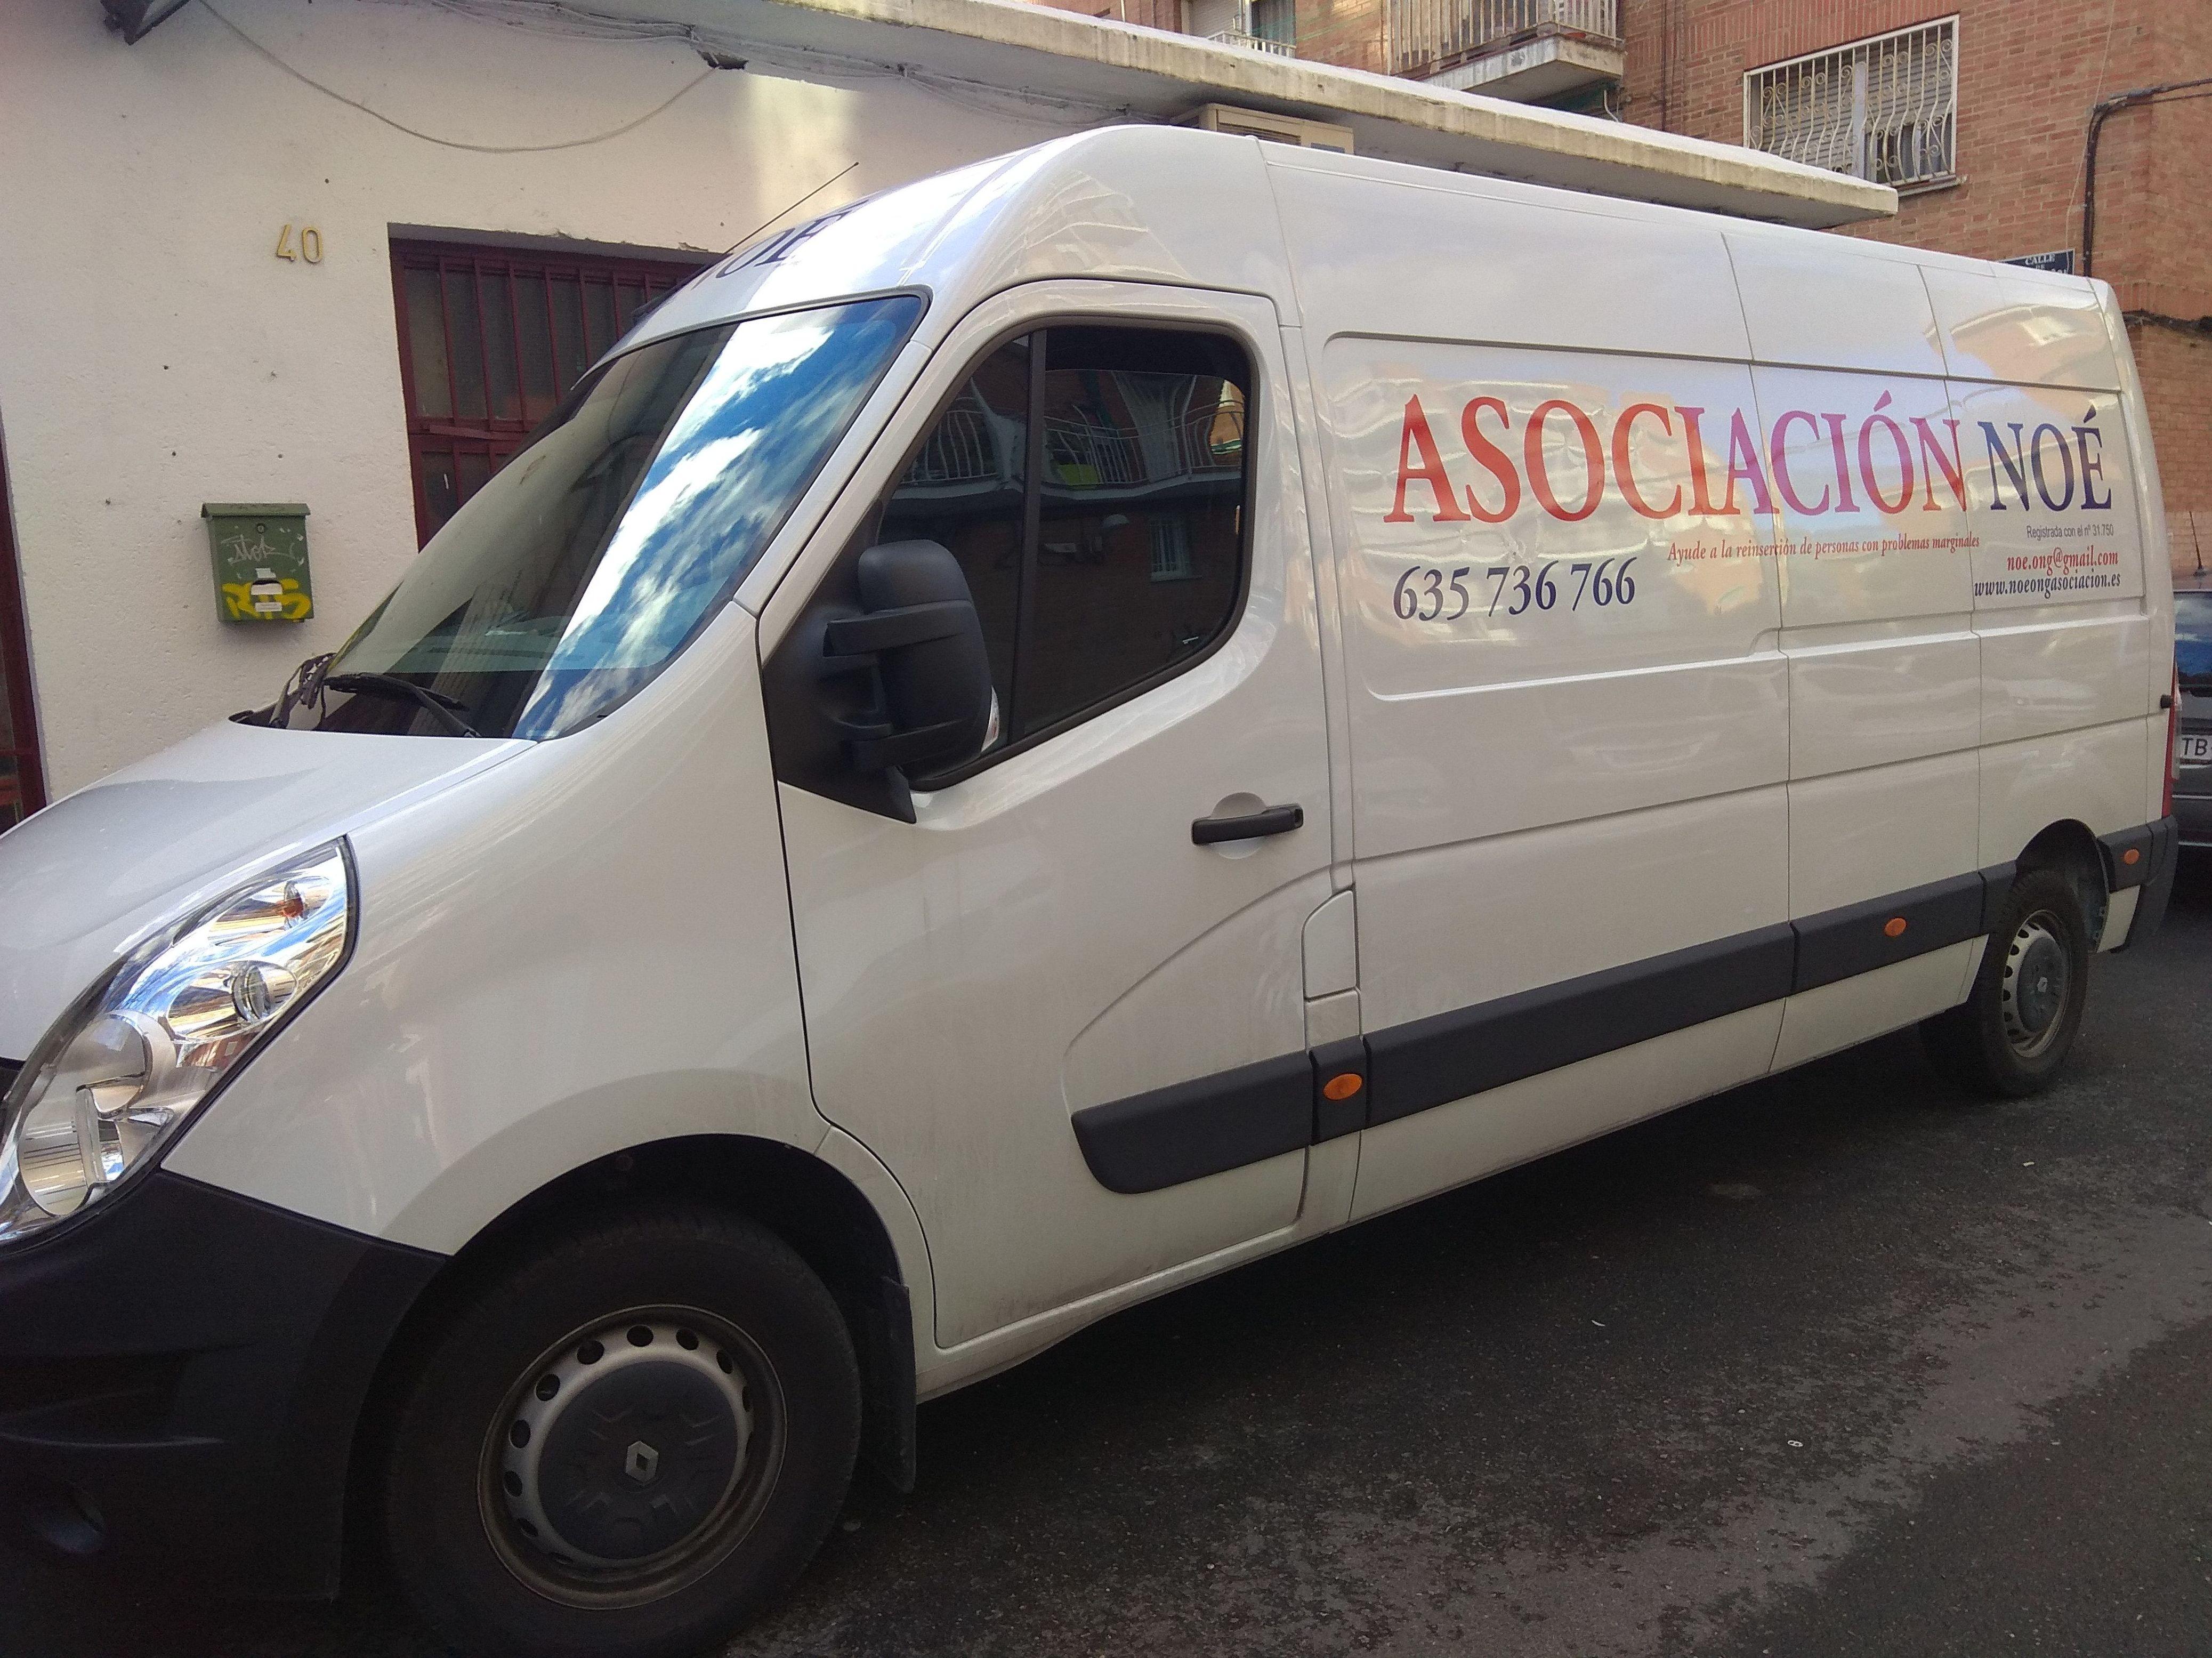 Foto 2 de Muebles en Madrid | Asociación Noé - RASTRO MADRID - USERA